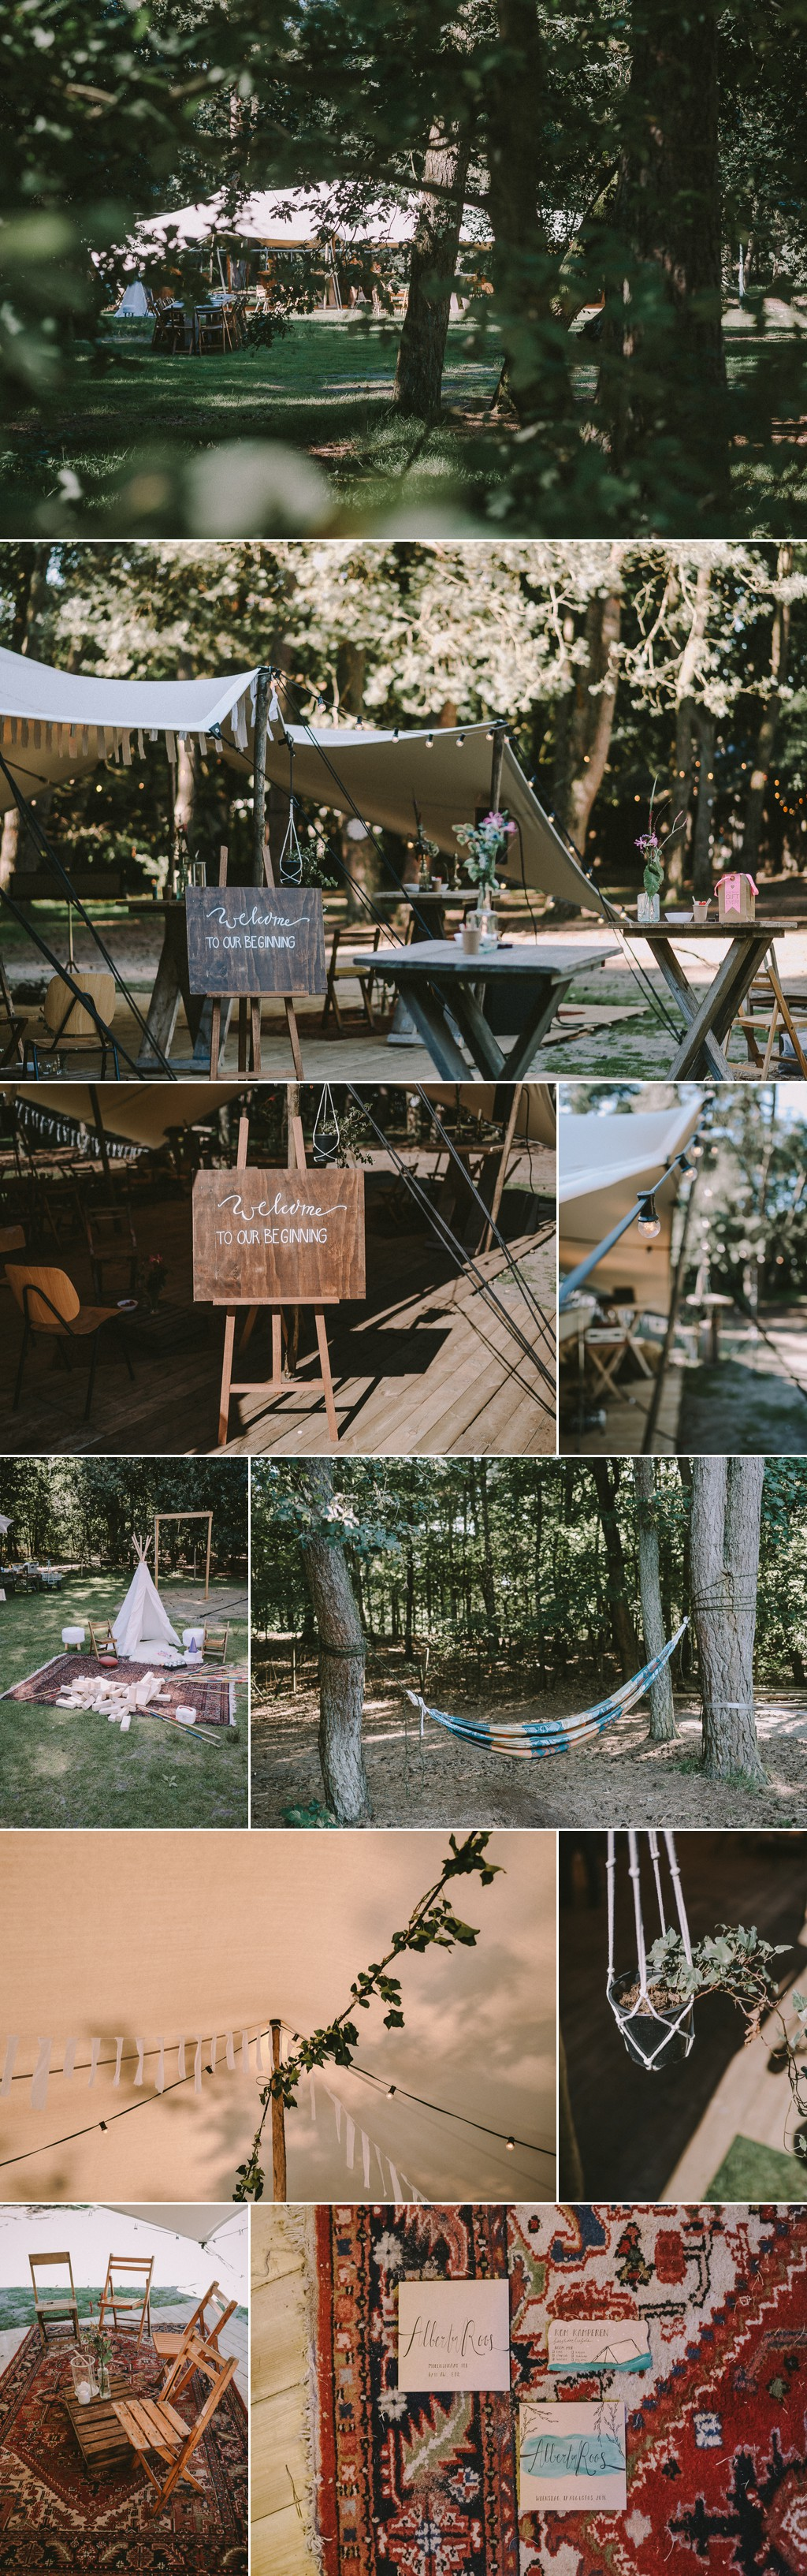 fotografie-steef-utama-te-leuk-trouwen-nunspeet-rotterdam-trouwen-in-het-bos-04